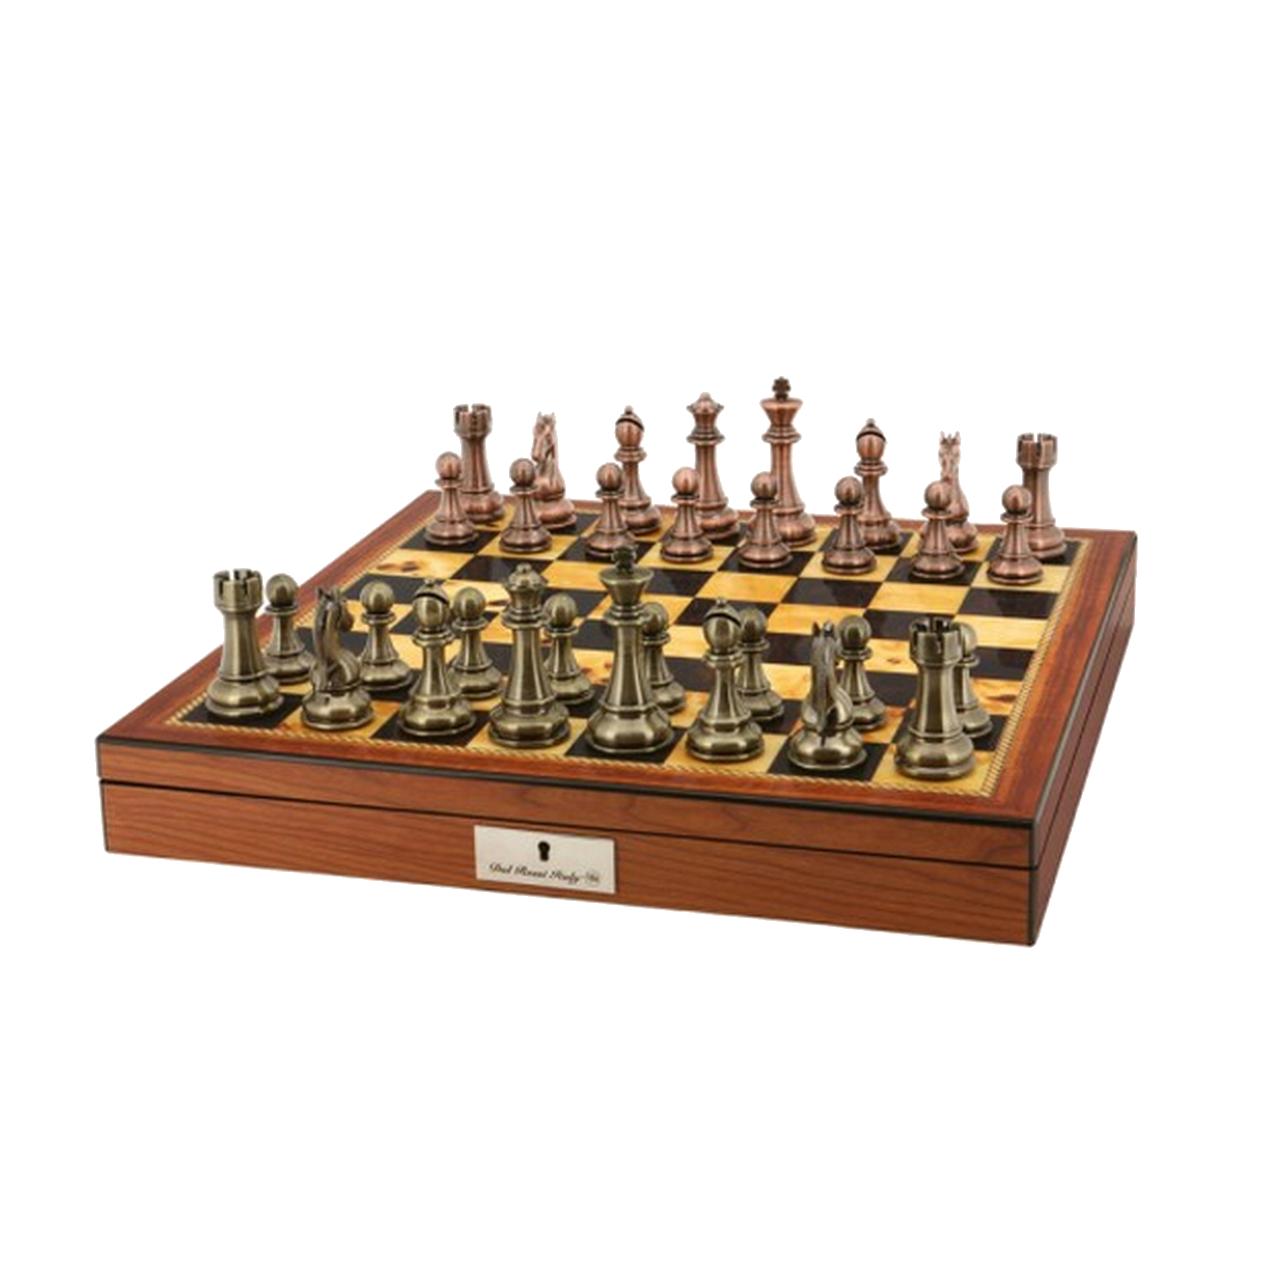 Dal Rossi 50cm Walnut Finish Board with Copper / Bronze finish pieces (L2053DR & L3223DR)